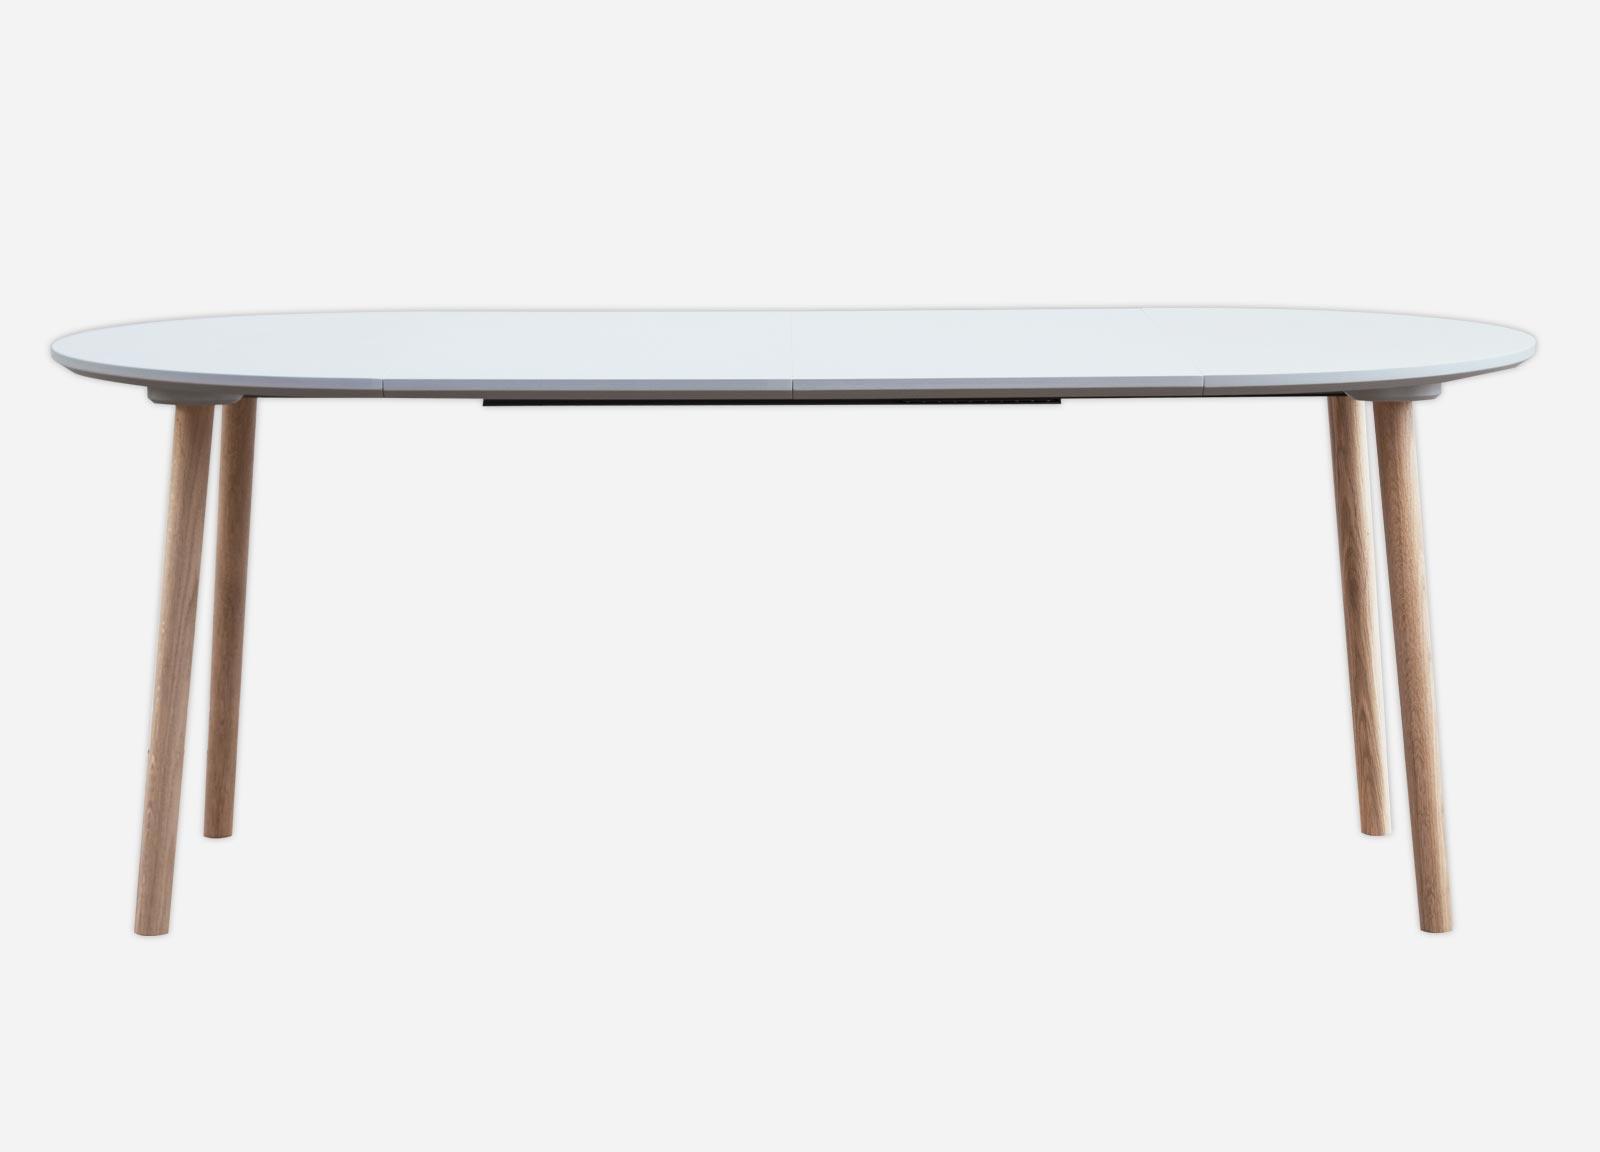 spisebord med udtræk Rundt spisebord med udtræk og ekstra tillægsplader spisebord med udtræk